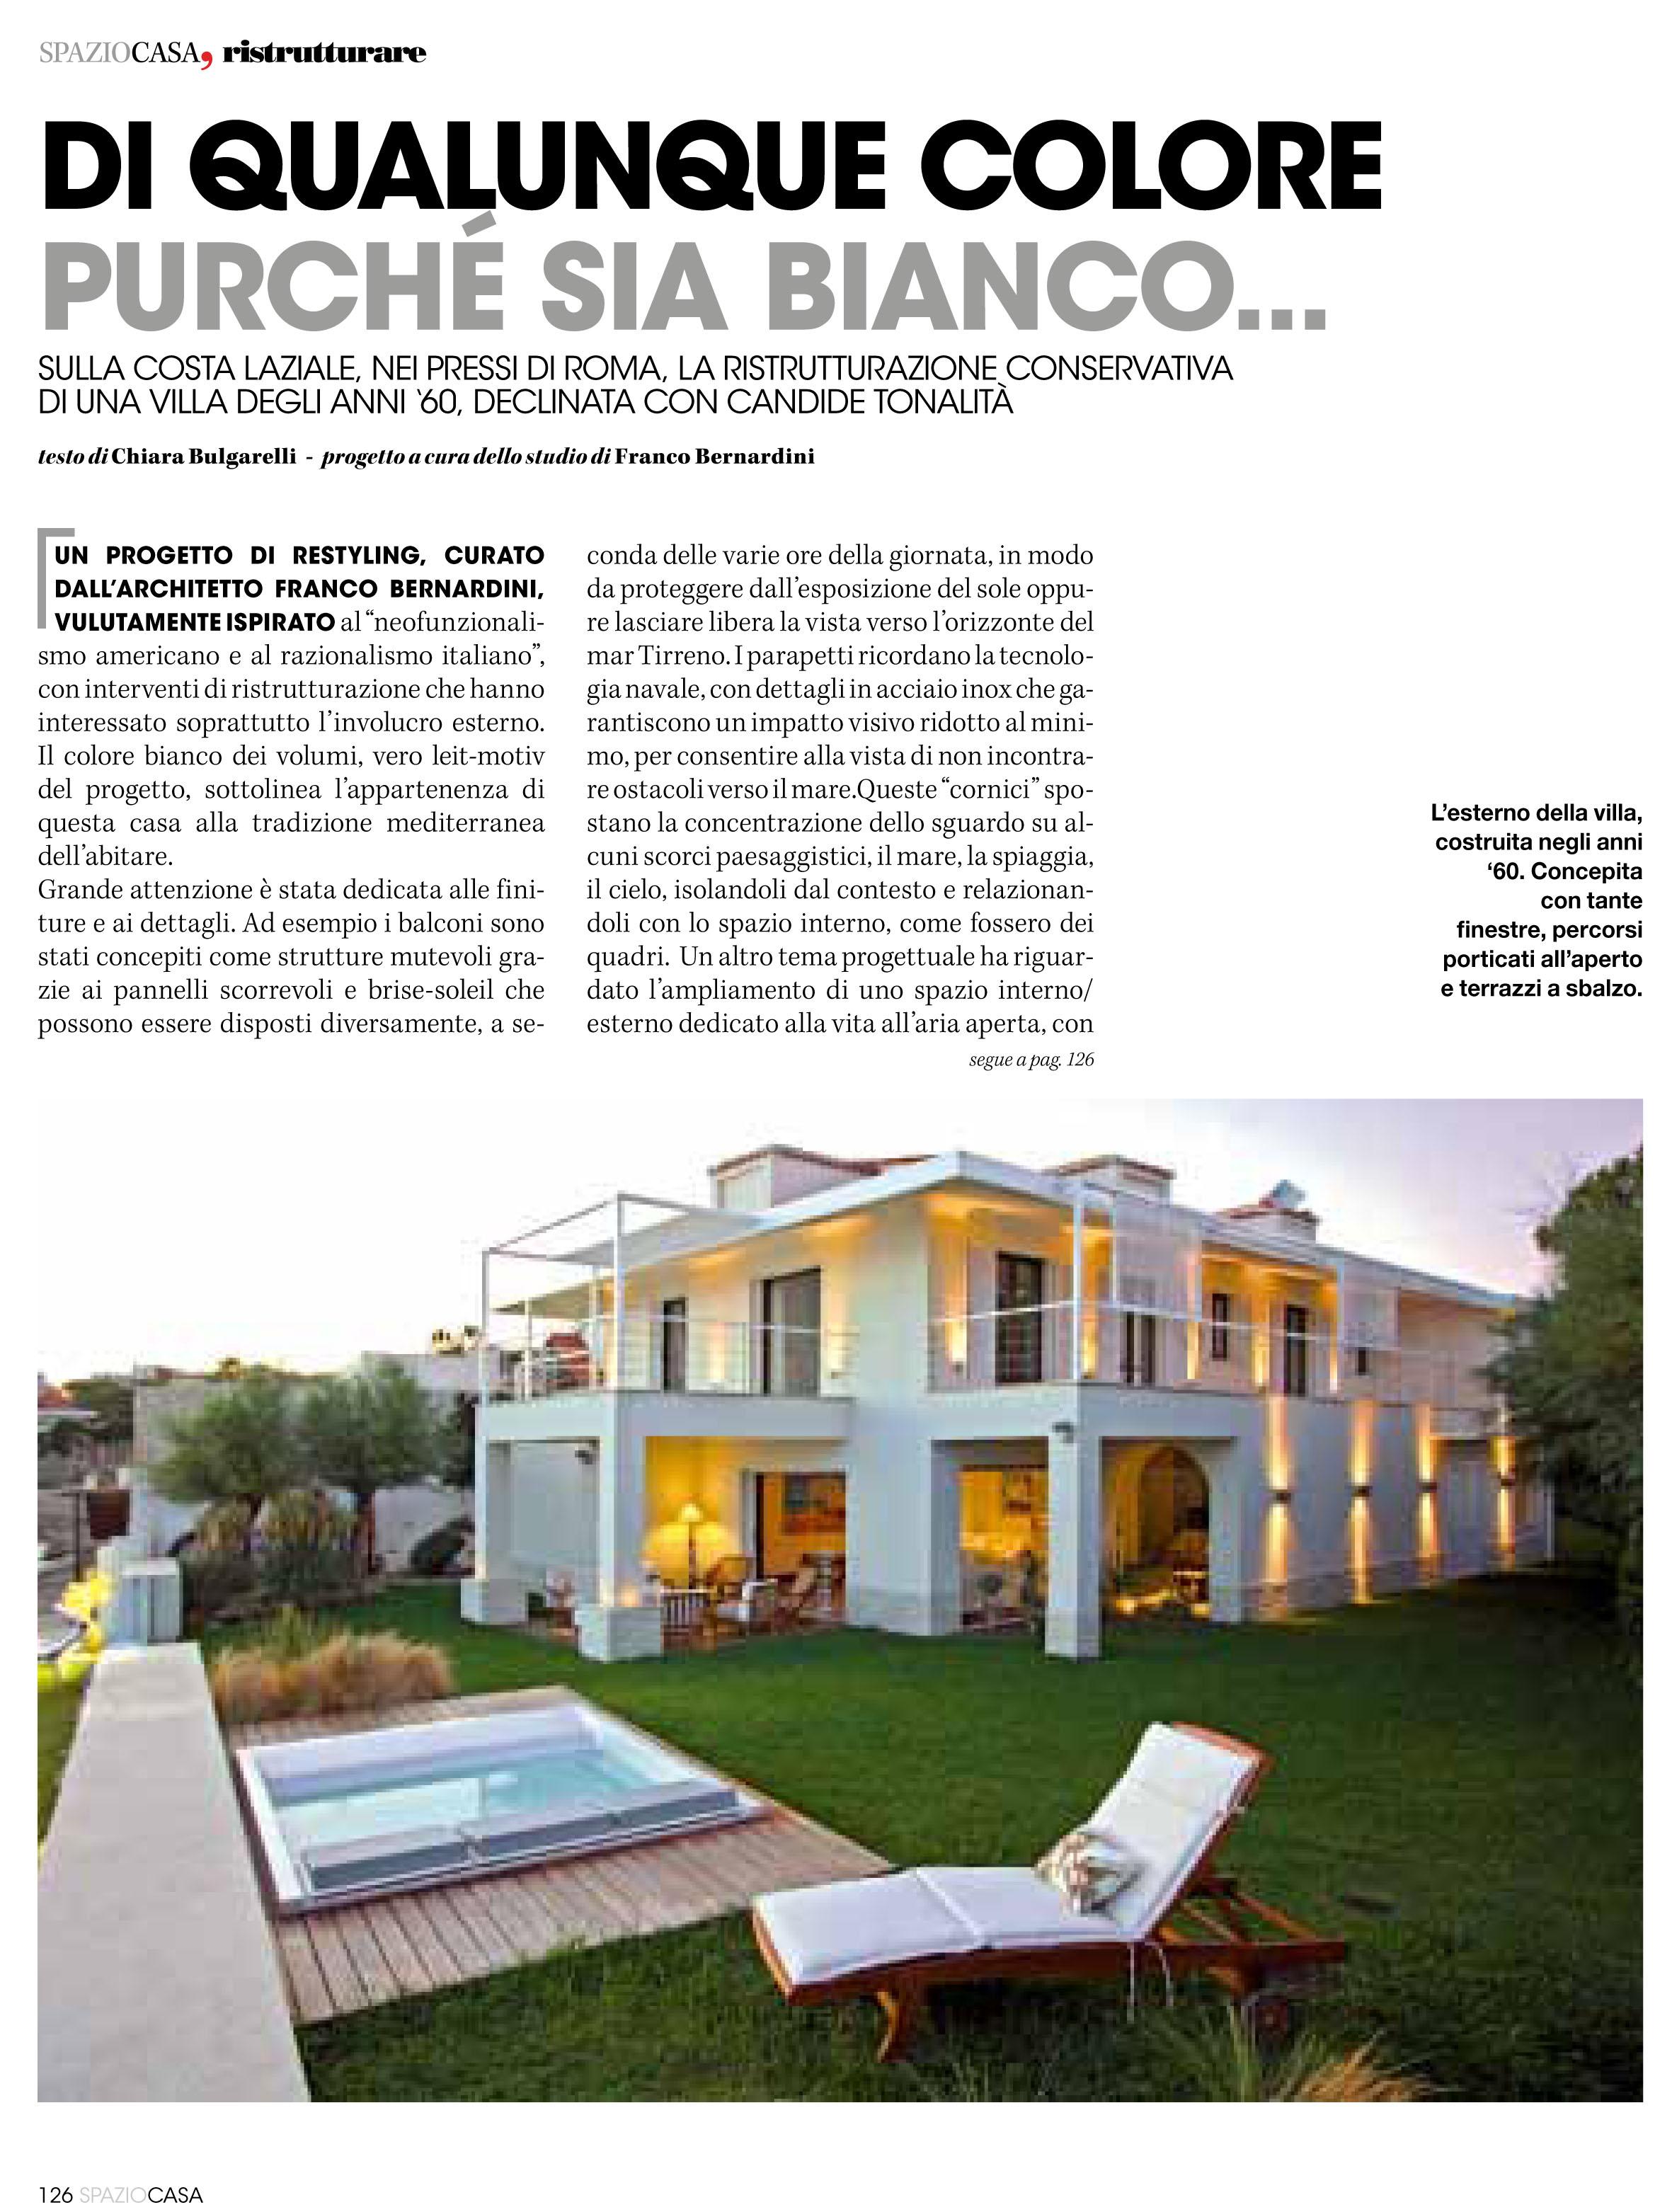 Villa unifamiliare sulla costa laziale roma 2008 09 for Colore esterno casa al mare